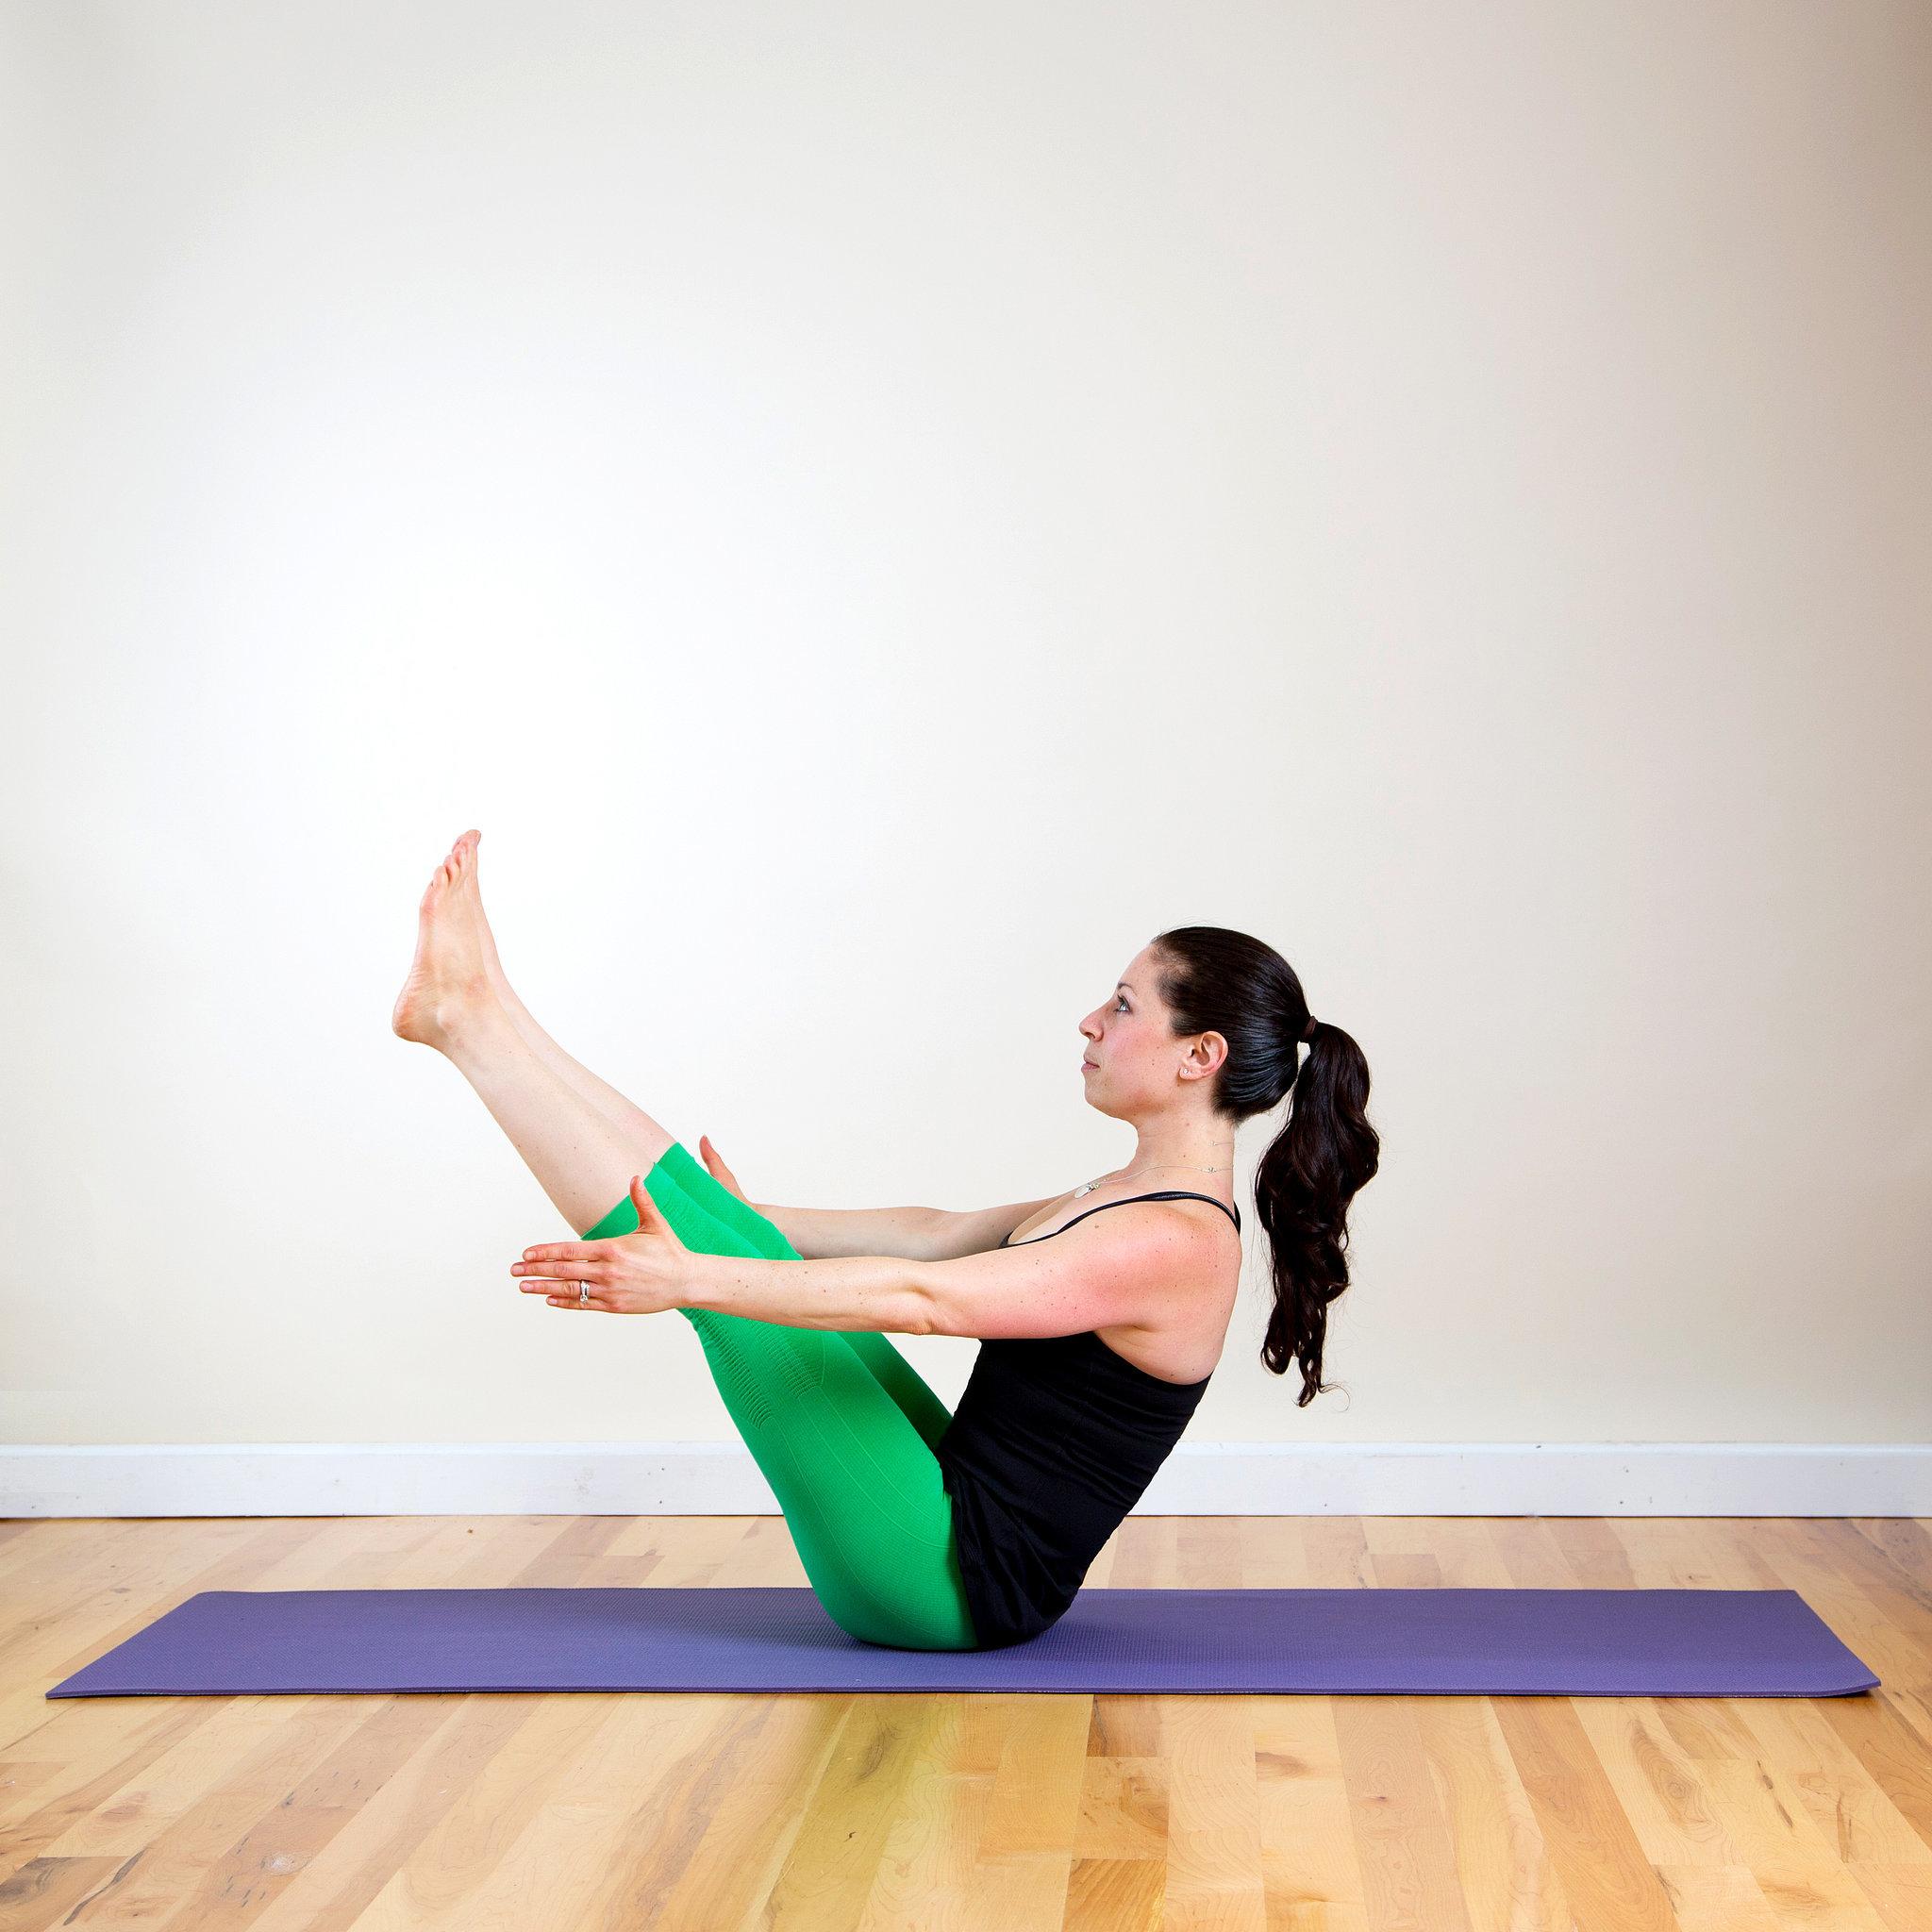 Тренируем балансы на руках. Силовая тренировка - YouTube | 2048x2048